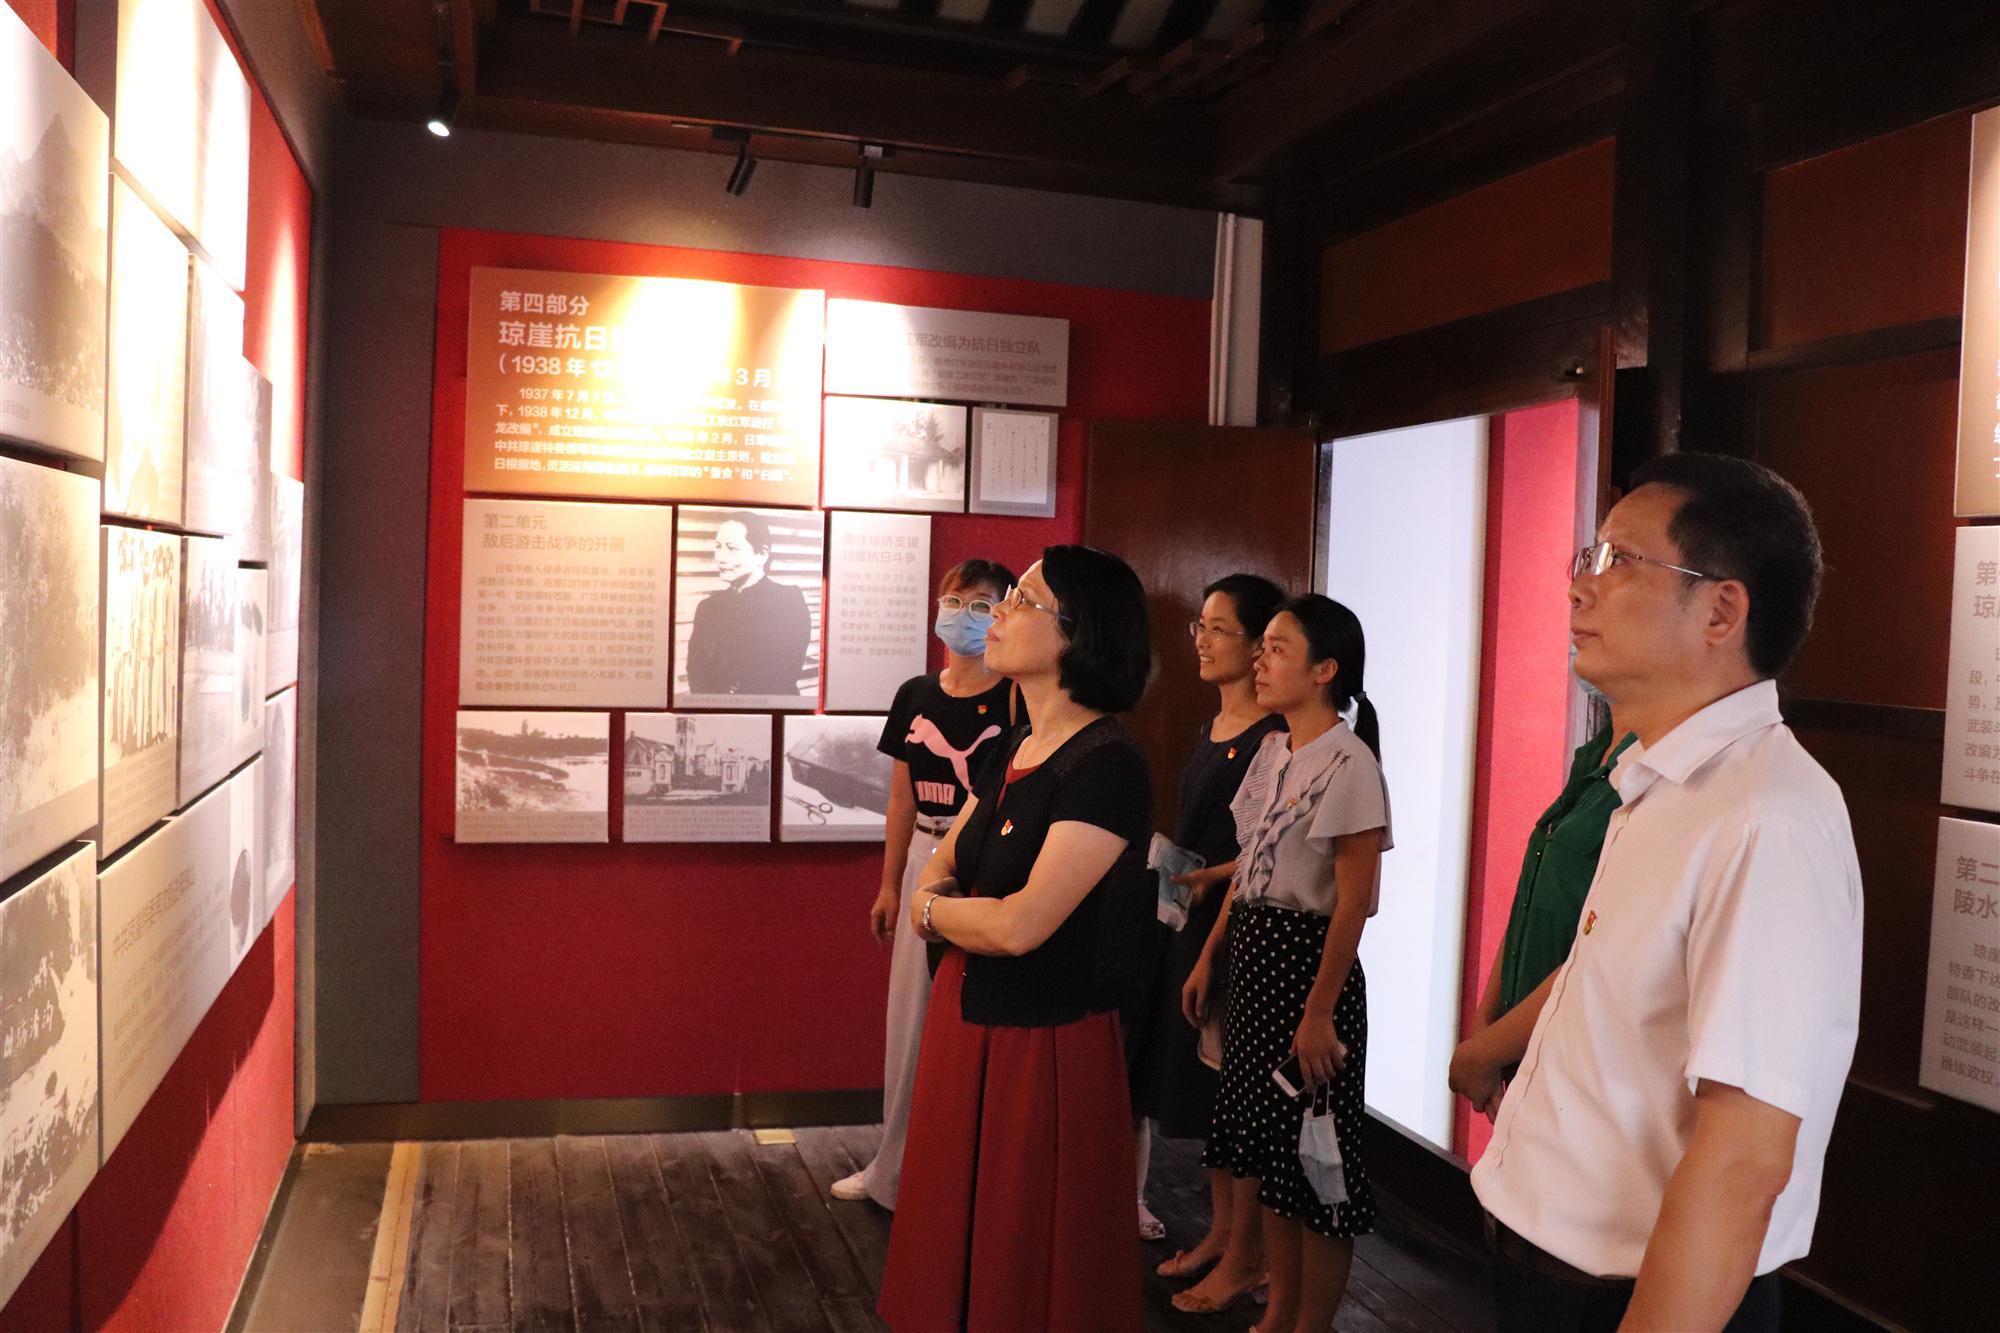 弘扬琼崖革命传统 为海南自贸港建设作贡献